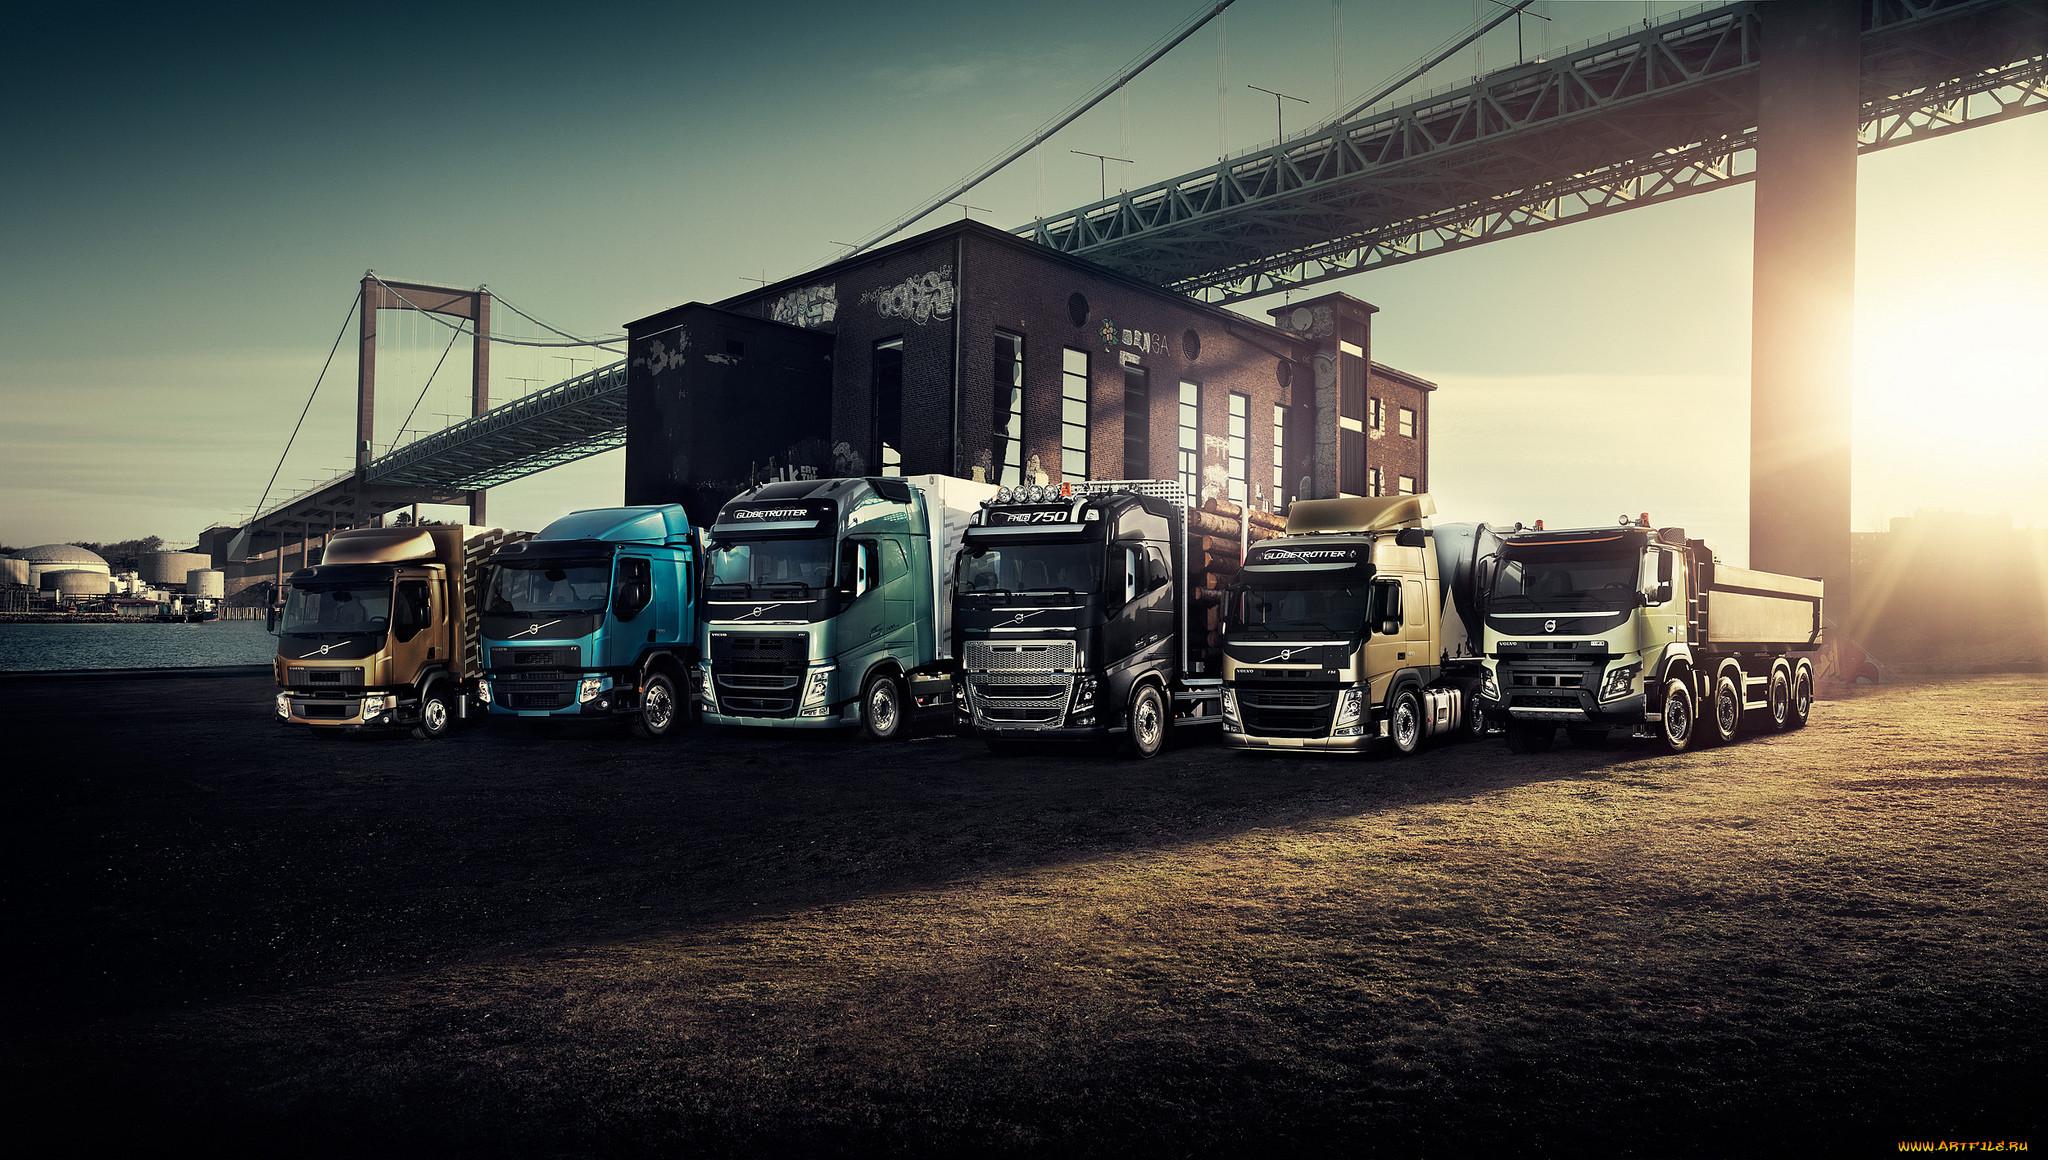 грузовики фото высокого разрешения видов эпиляции особенно